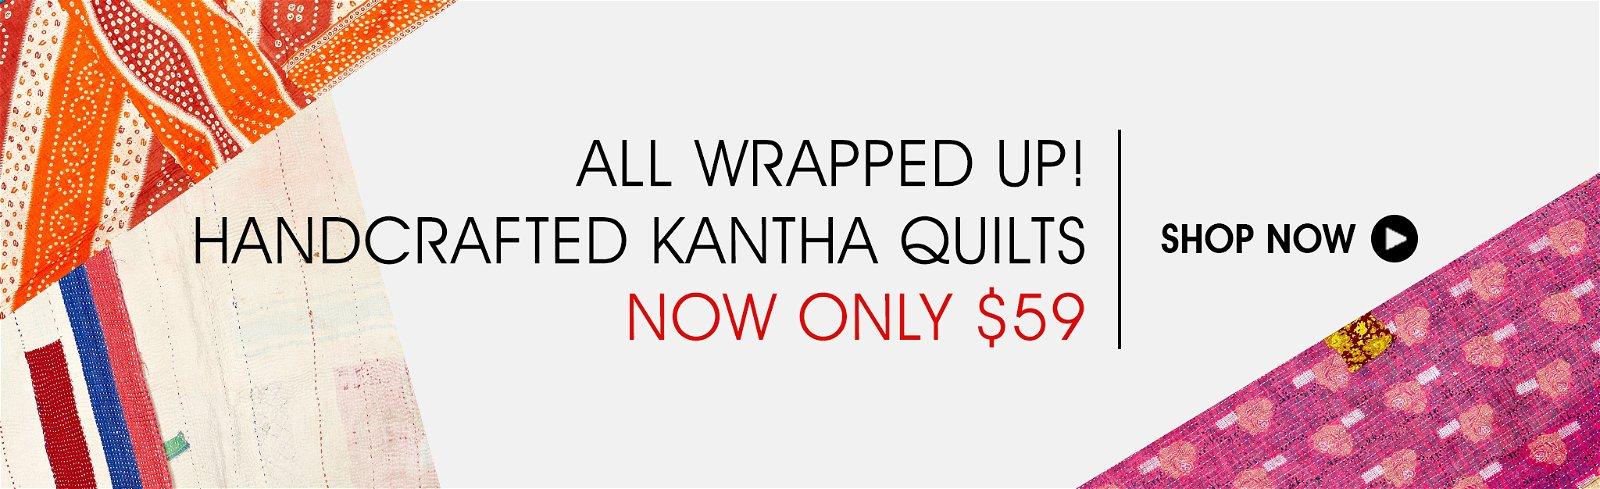 Kantha Quilts @ $59